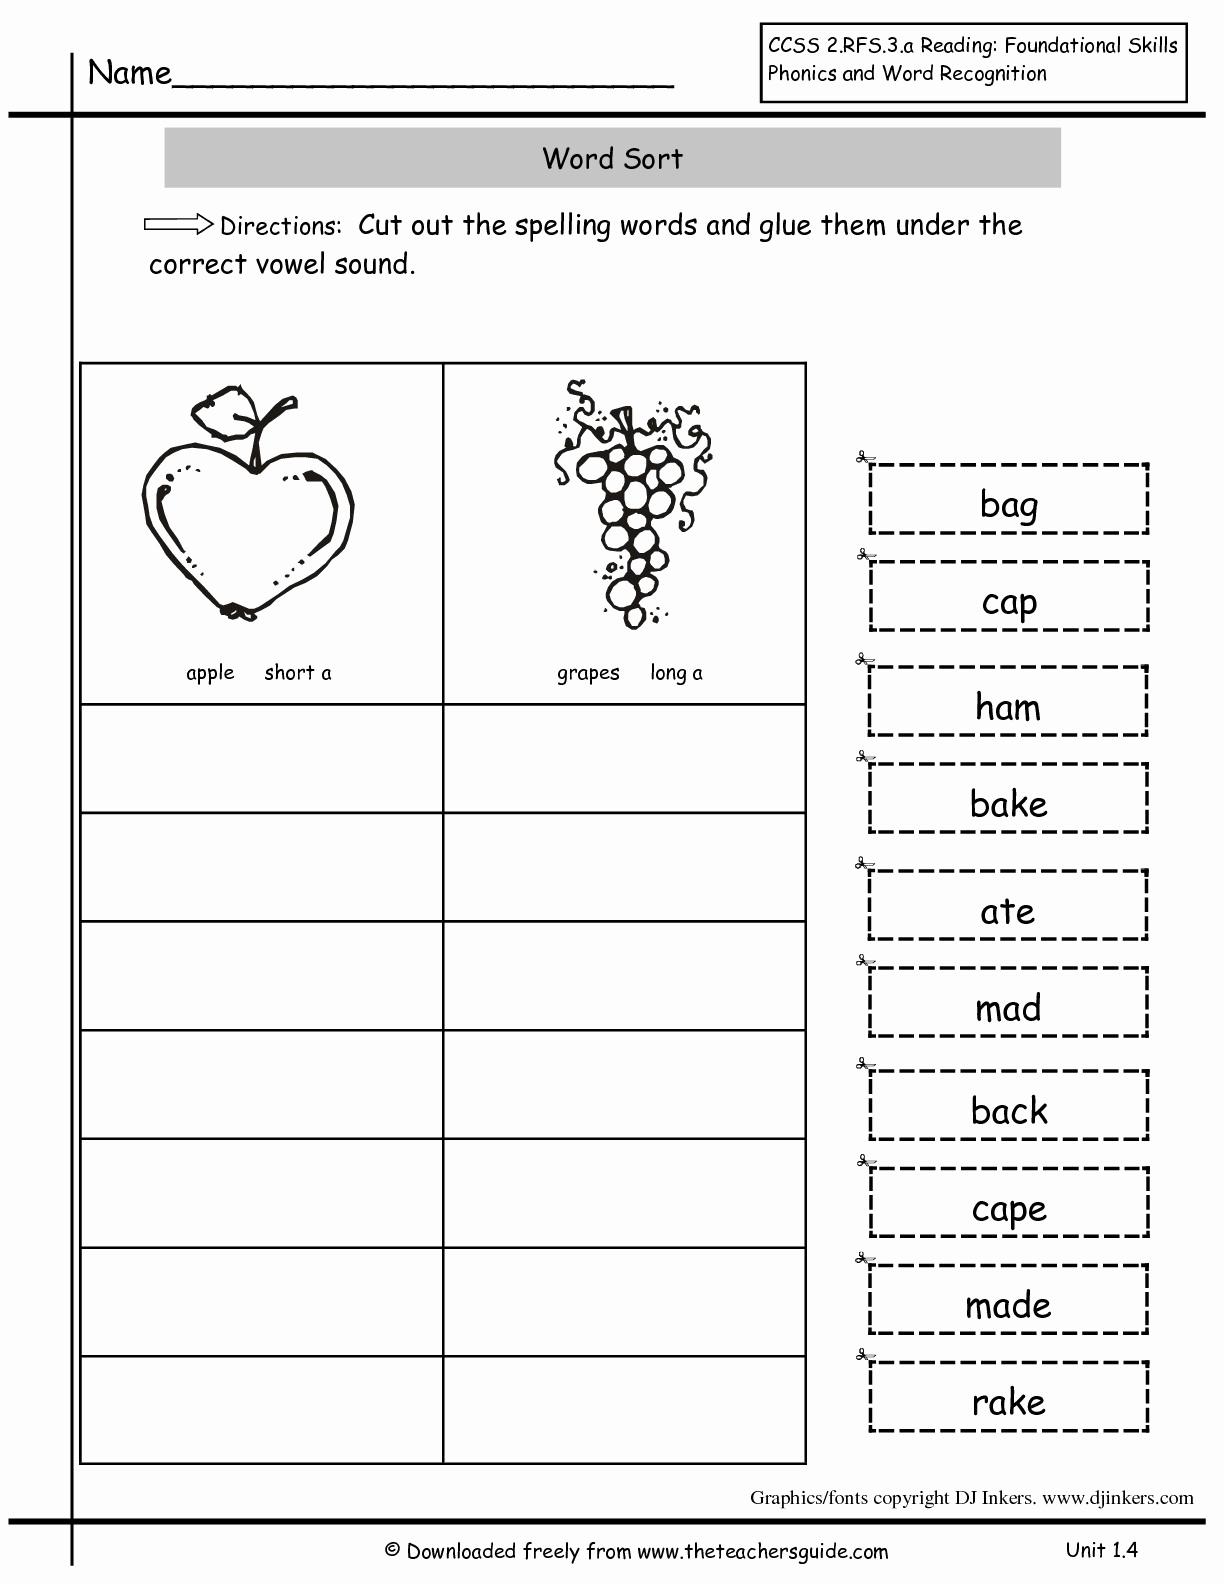 Root Words Worksheet 2nd Grade Luxury 20 Root Word Worksheets 2nd Grade